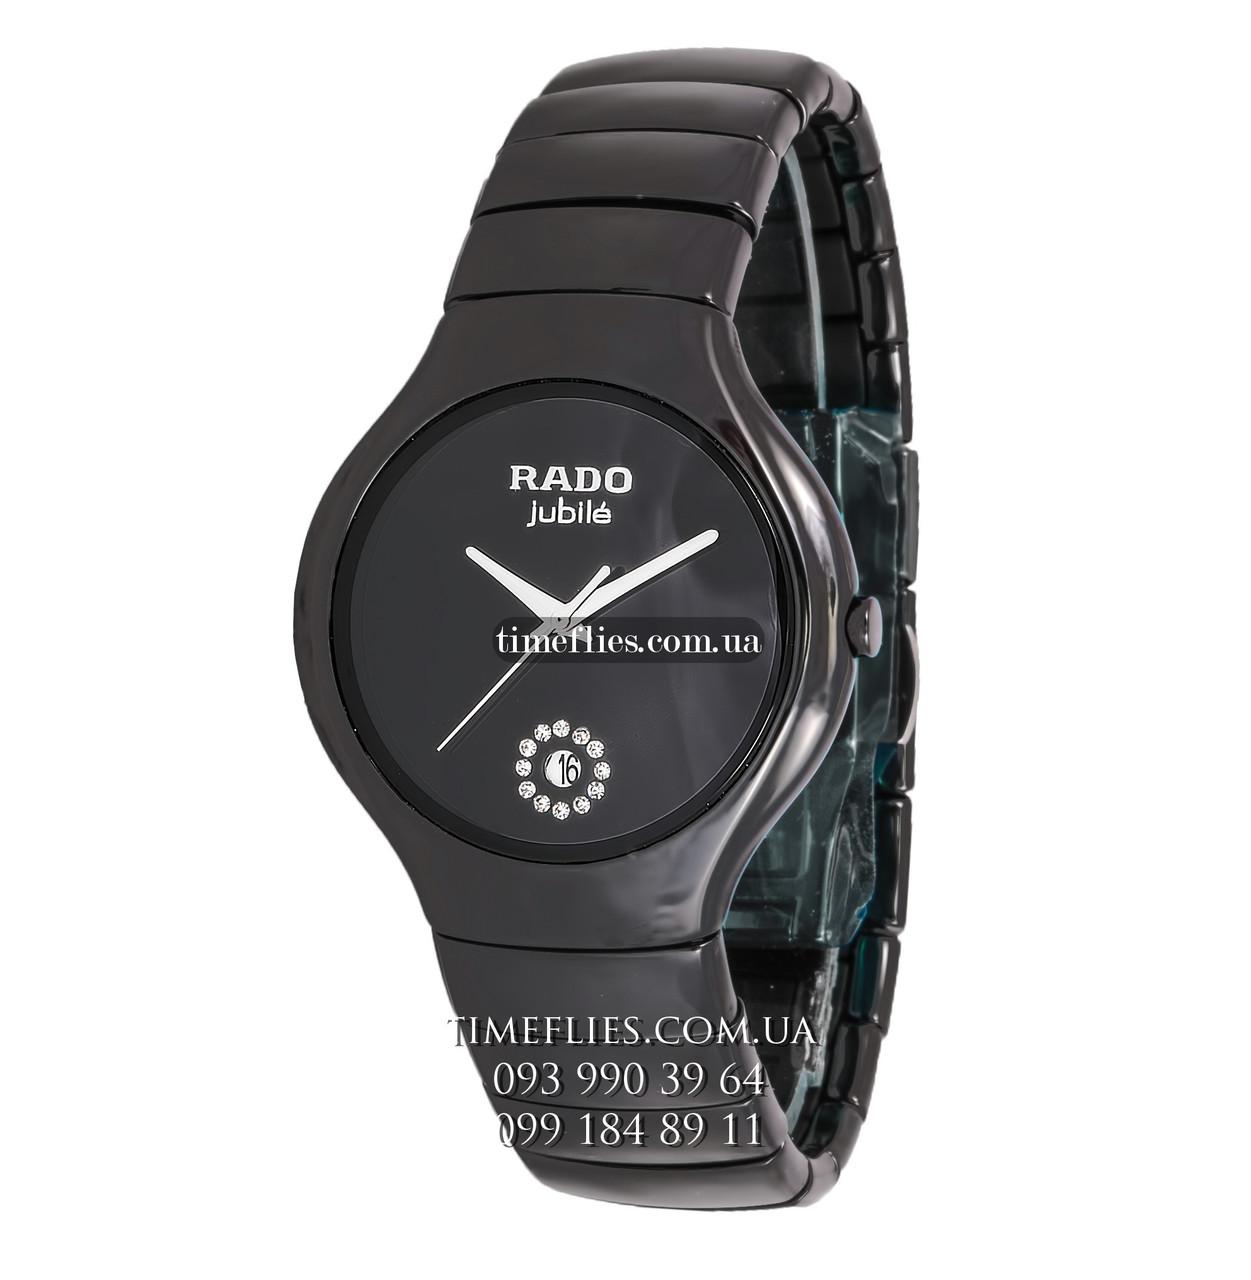 Часы наручные rado jubile купить